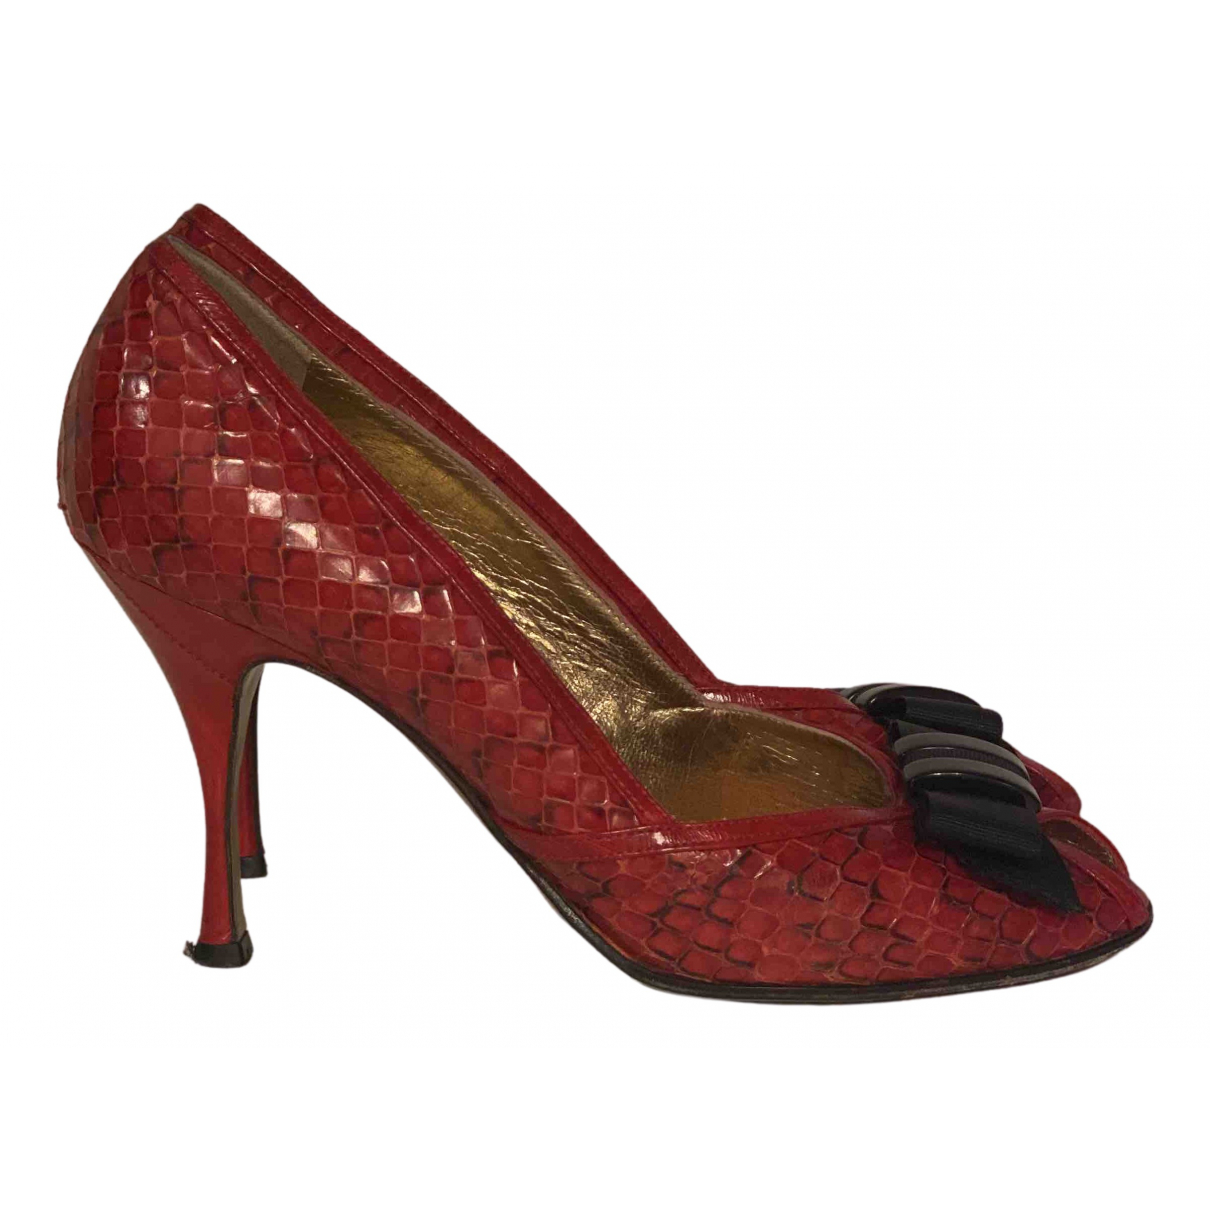 Dolce & Gabbana \N Pumps in  Rot Leder